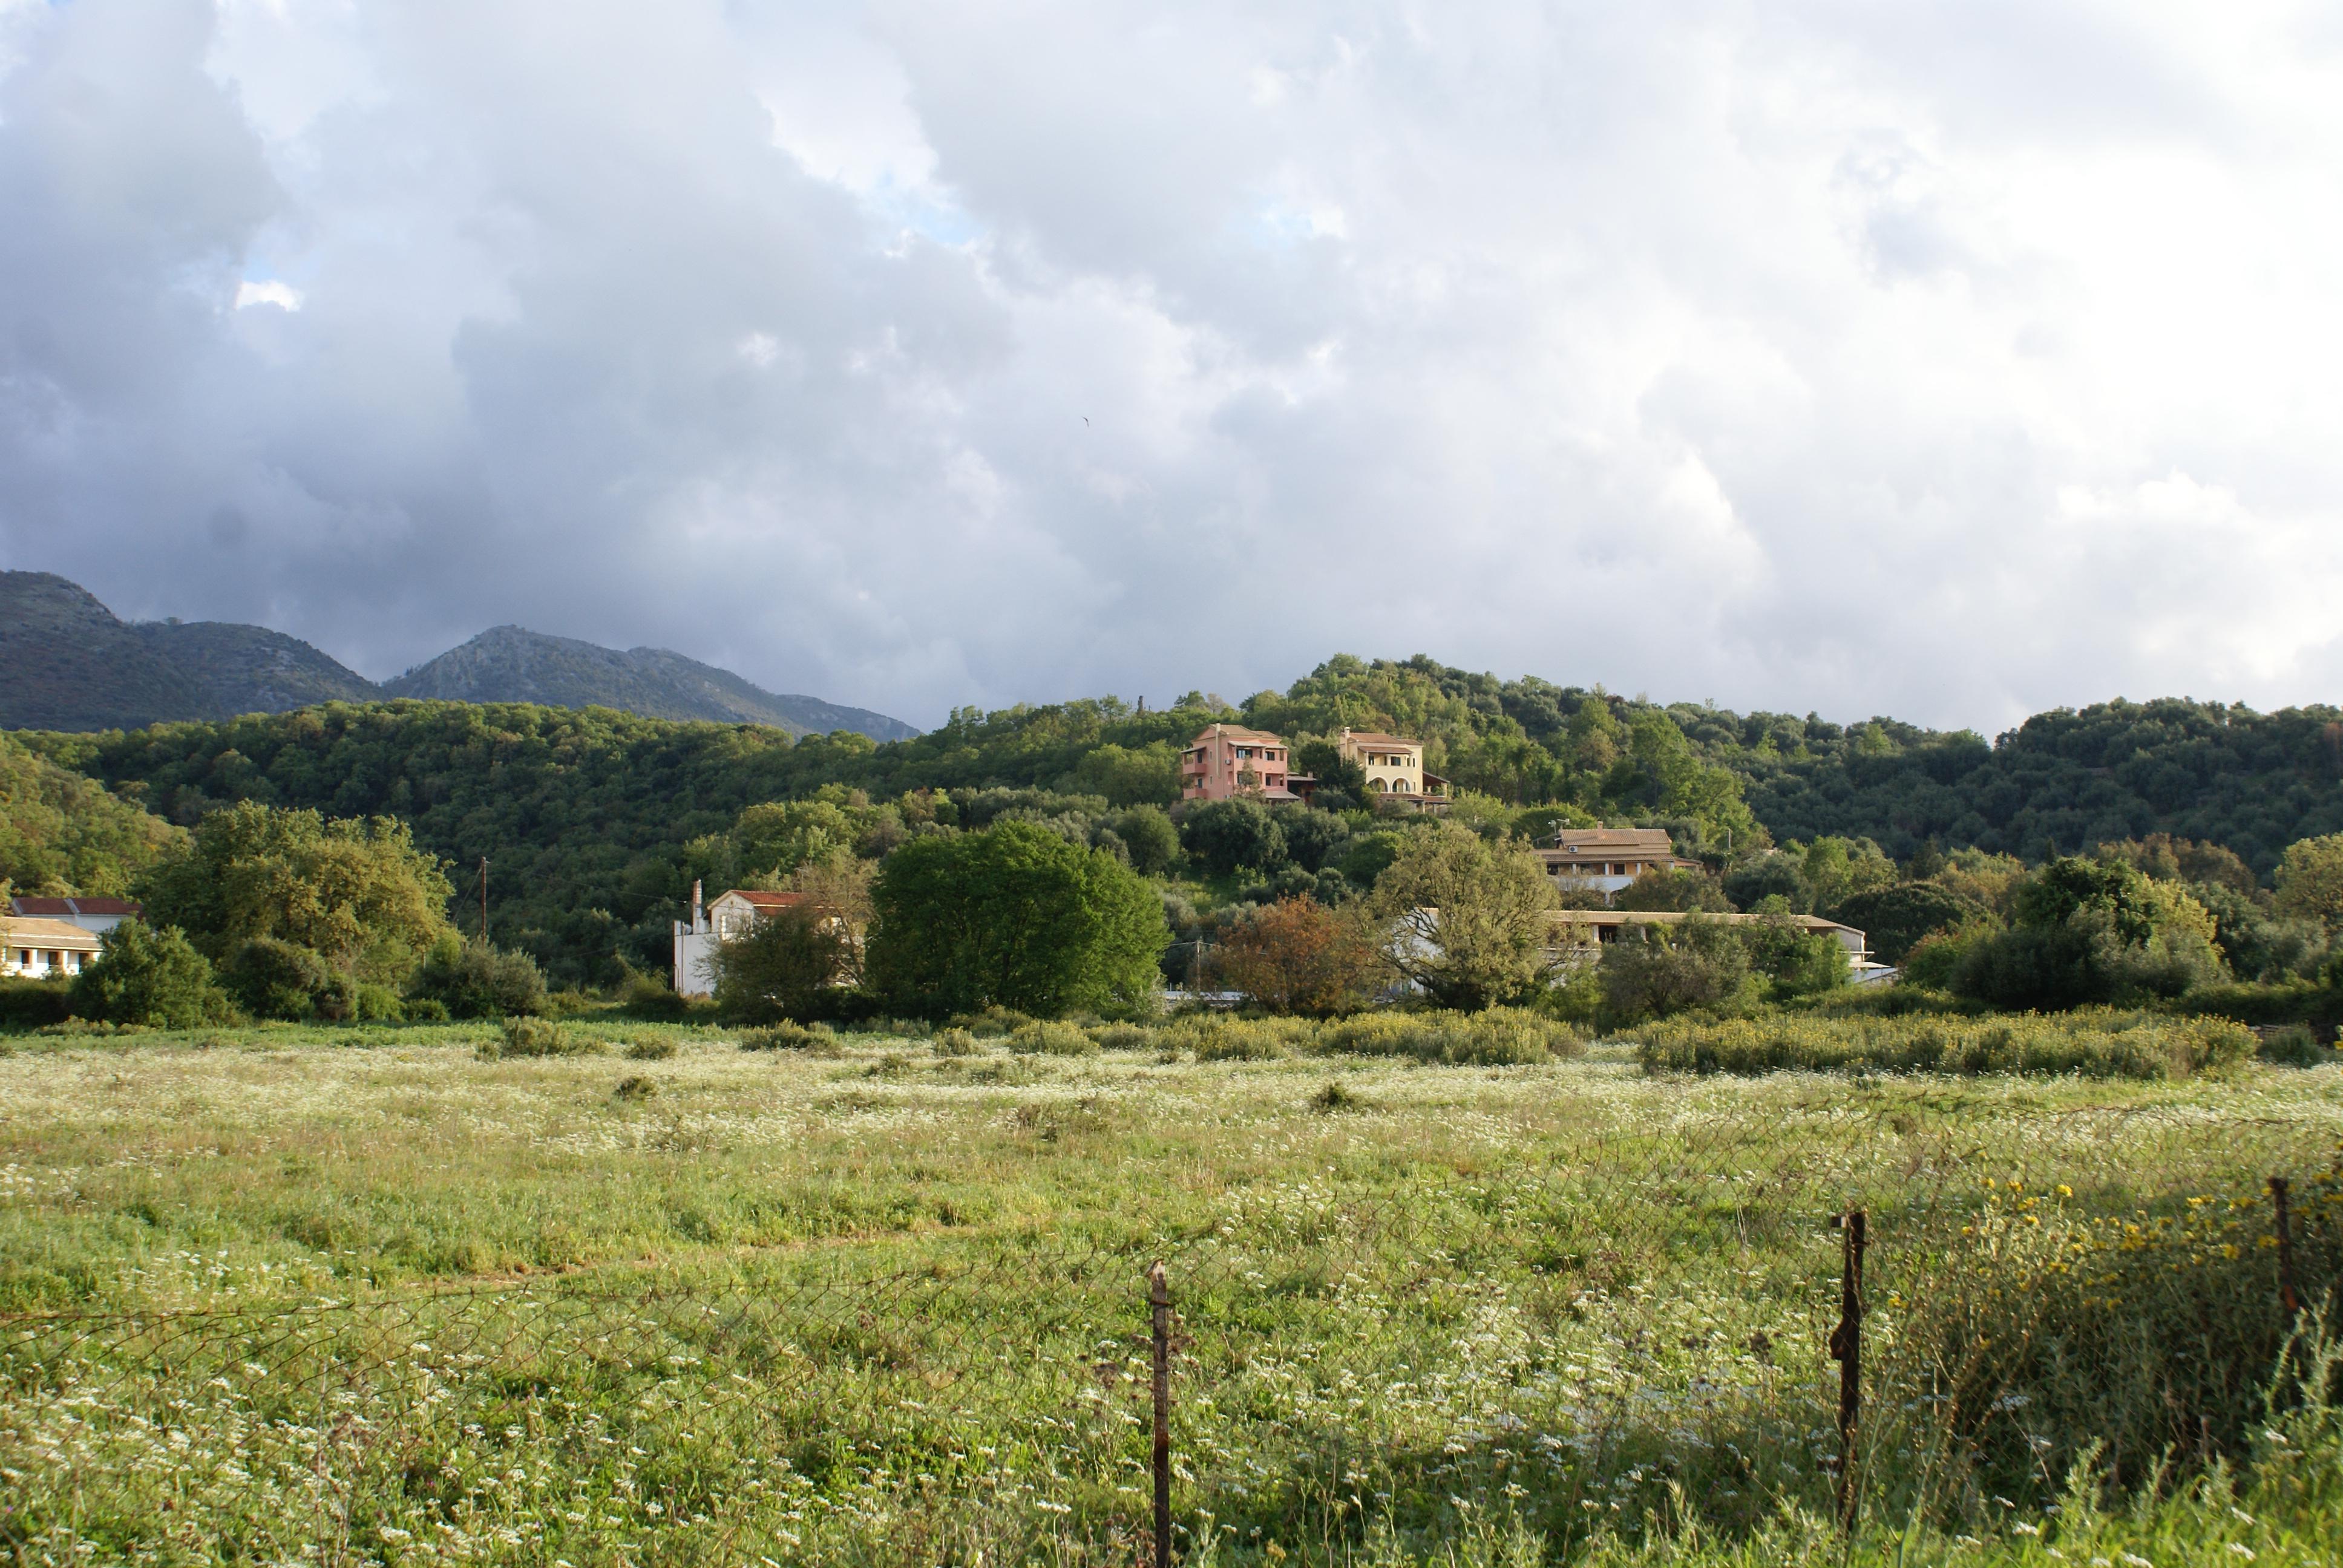 Lage - Korfu Villa Mare e Monti, Almiros, KorfuCorfu.de